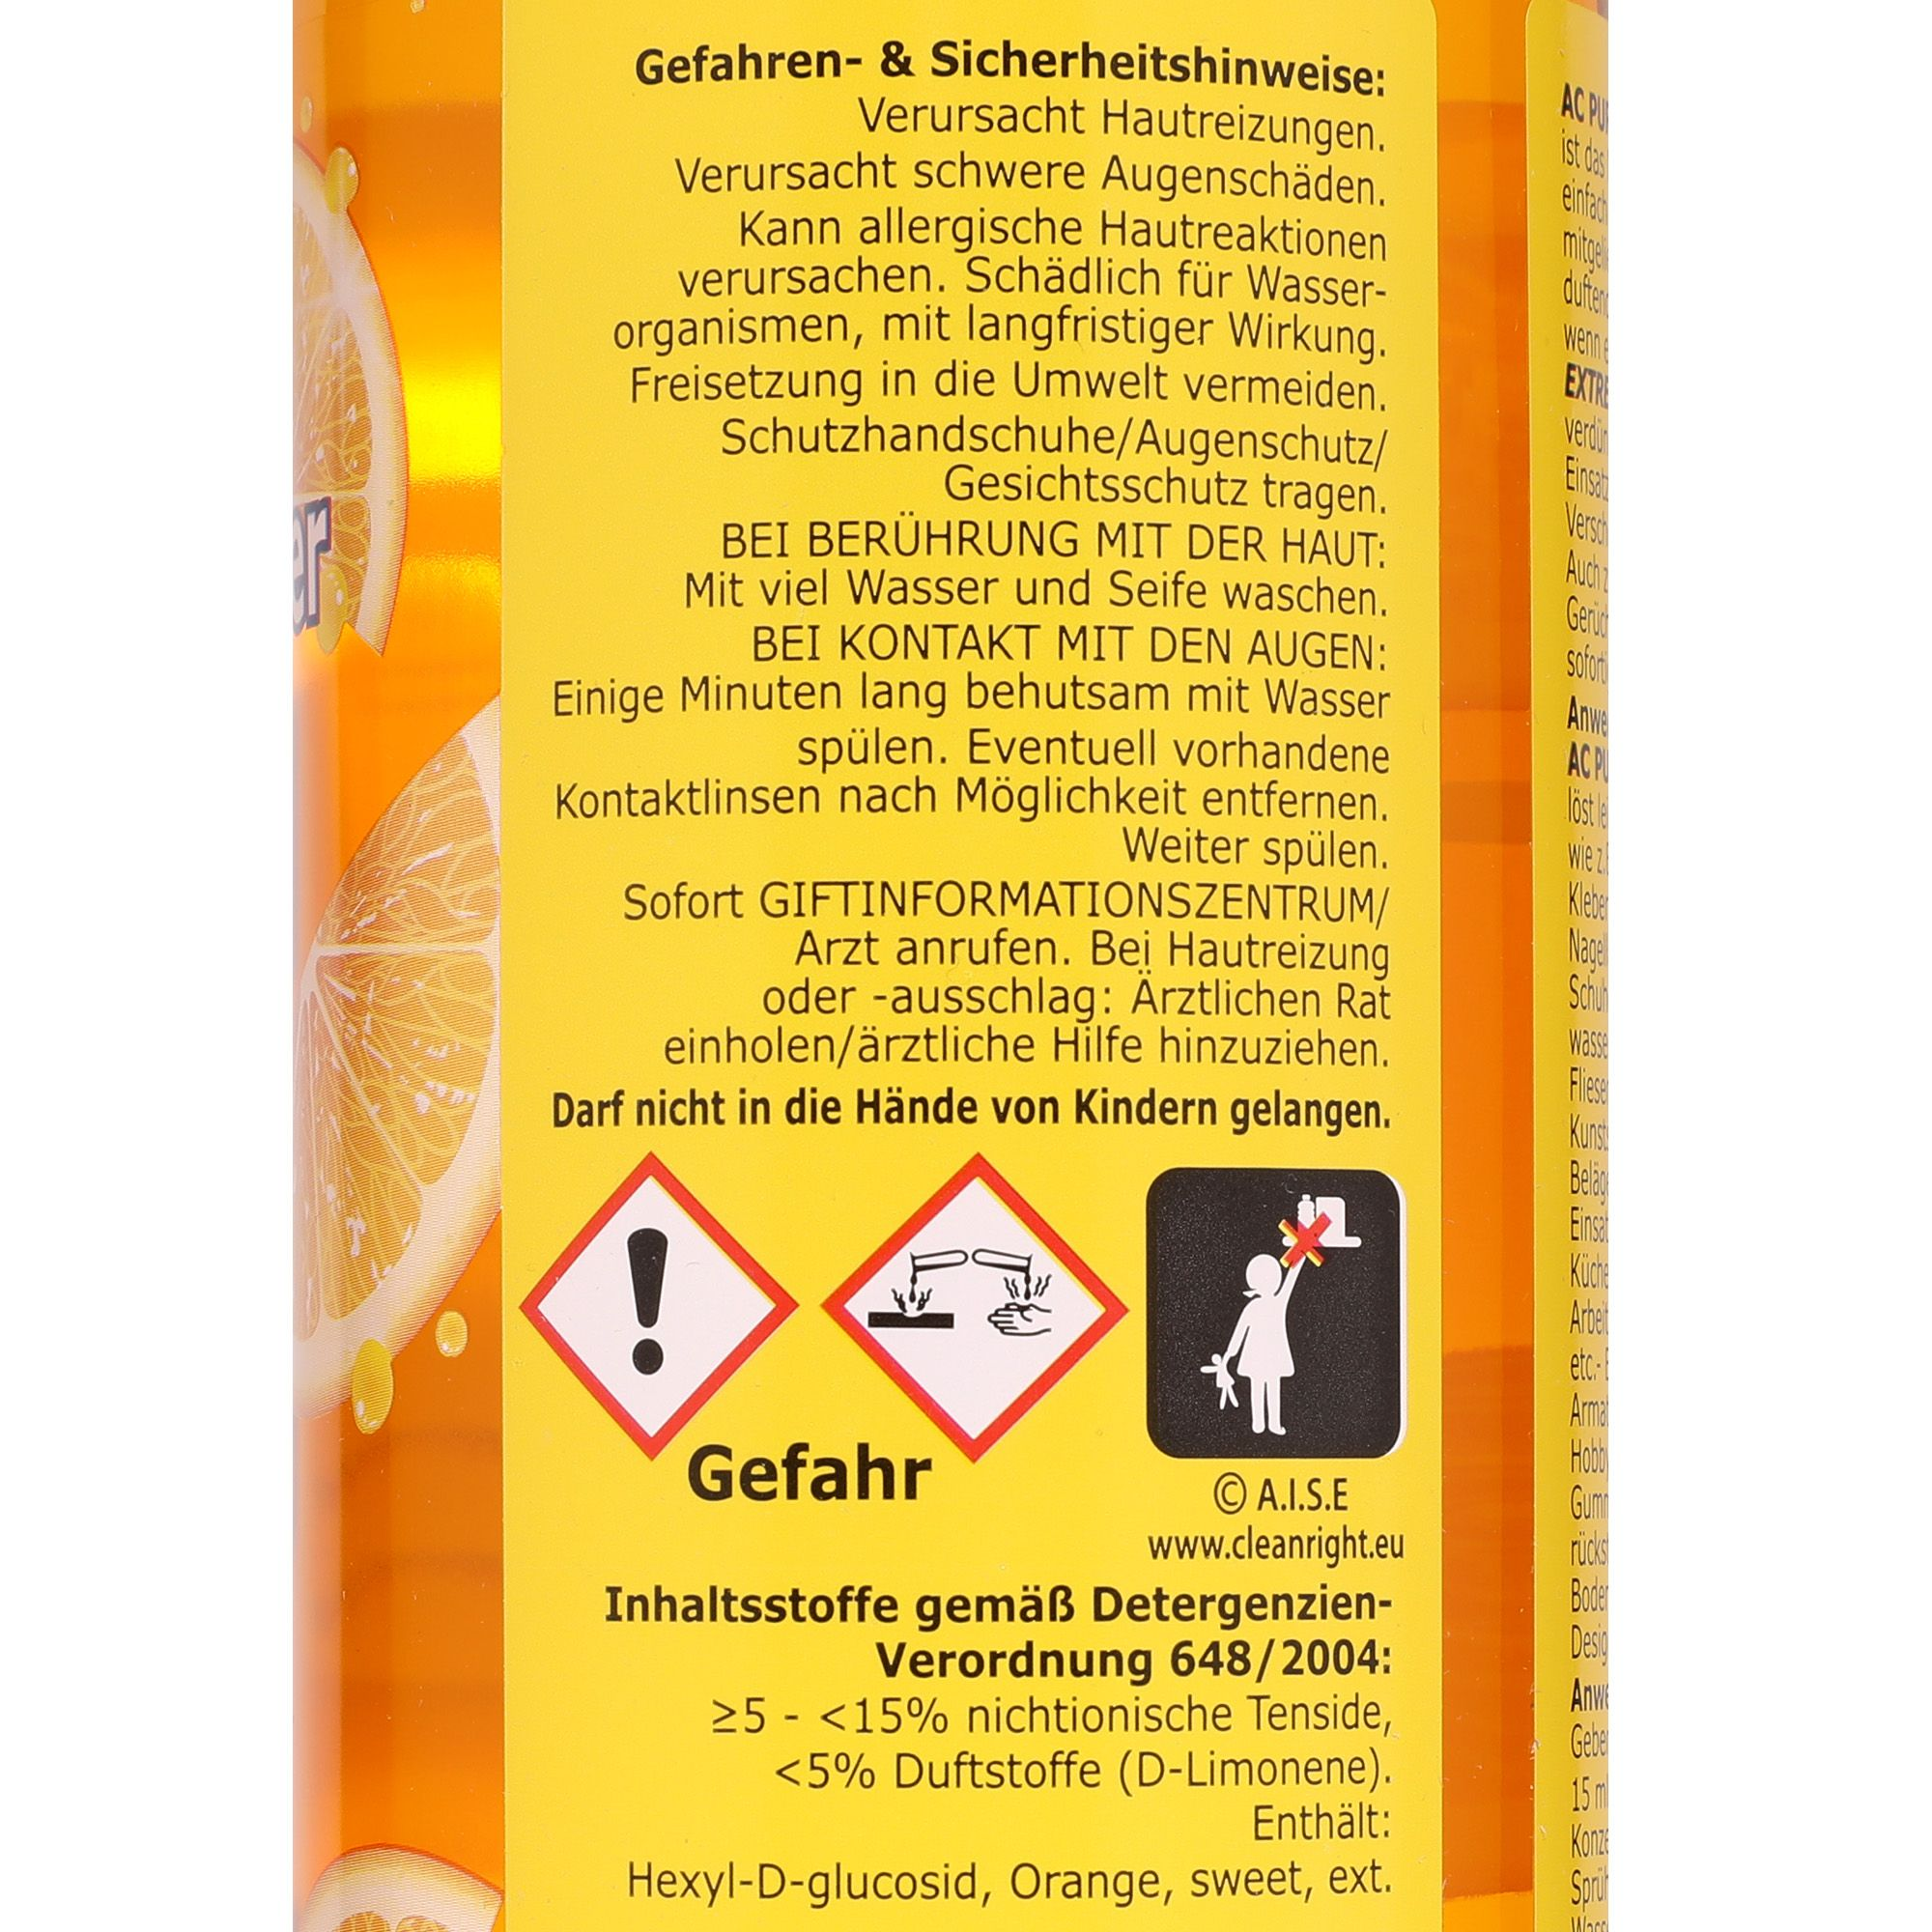 AQUA CLEAN PUR Extreme Orangenreiniger Konzentrat 2x 750ml ...